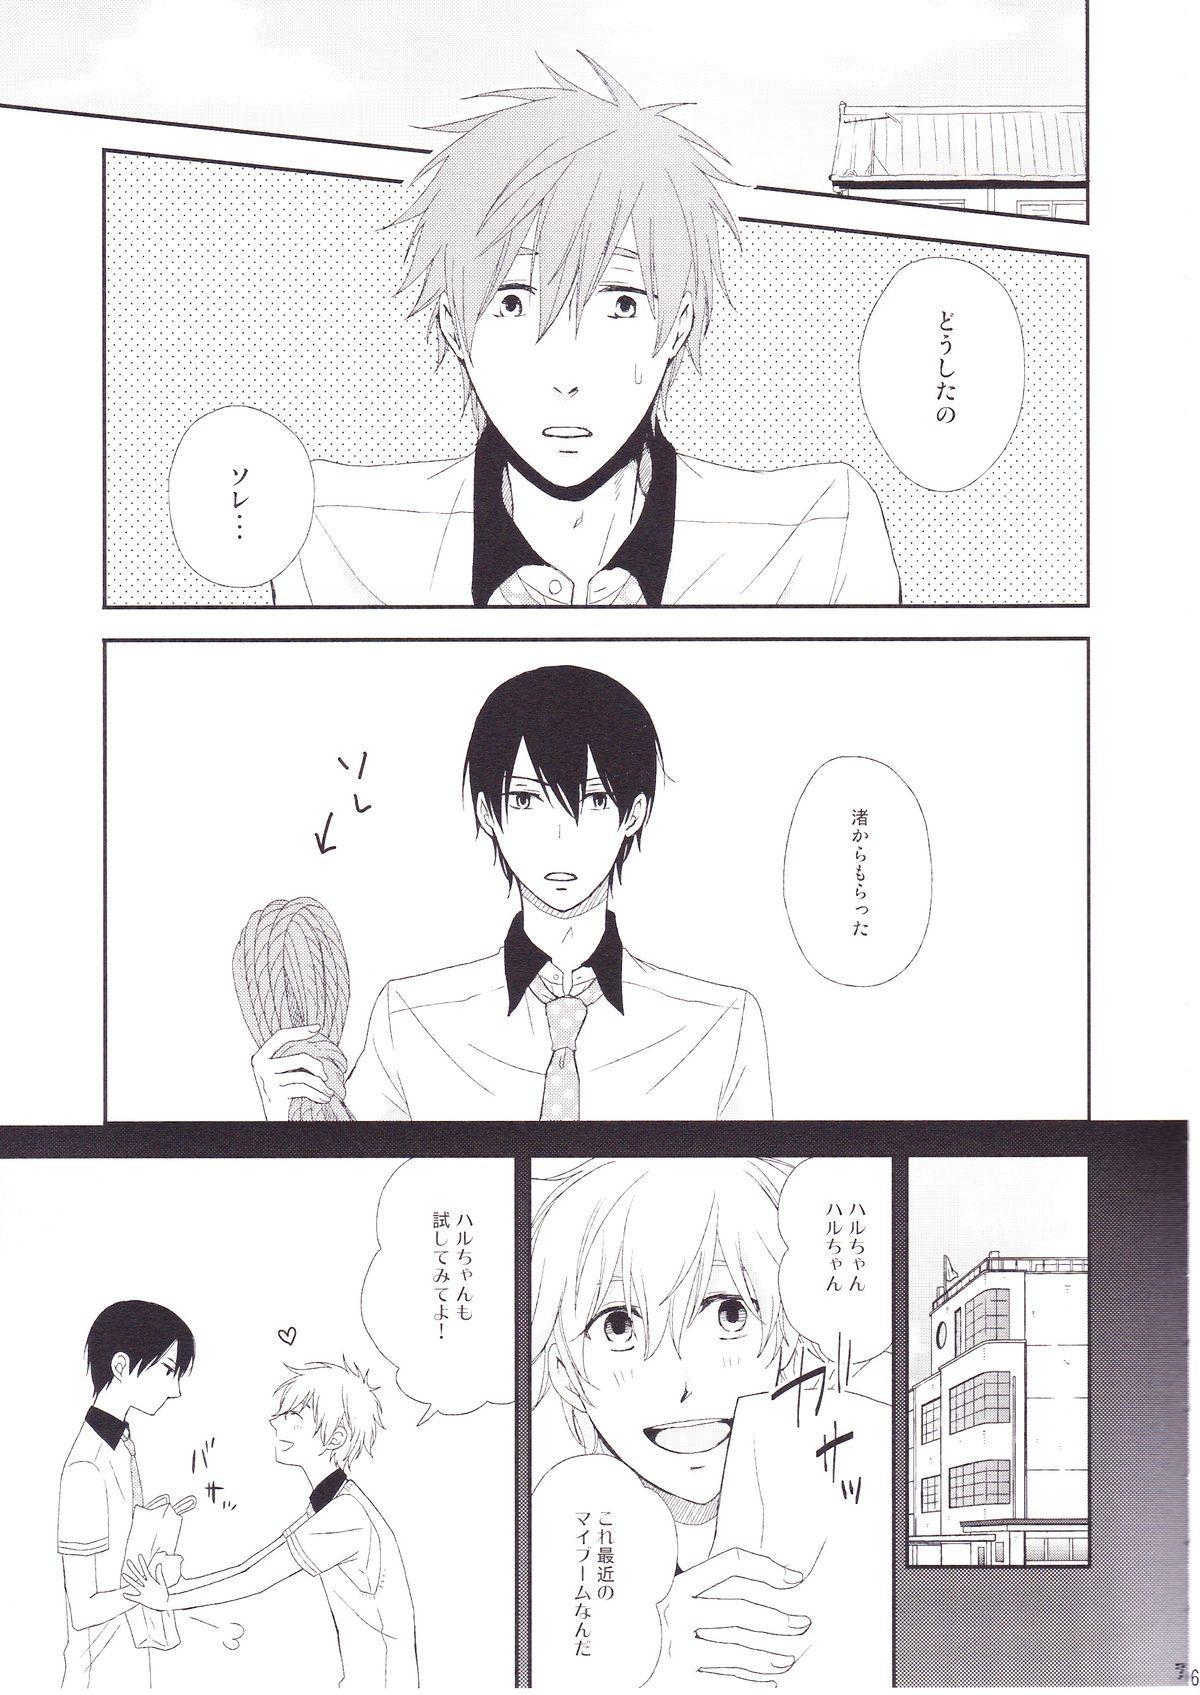 Koi no nawa shikakemashou 6